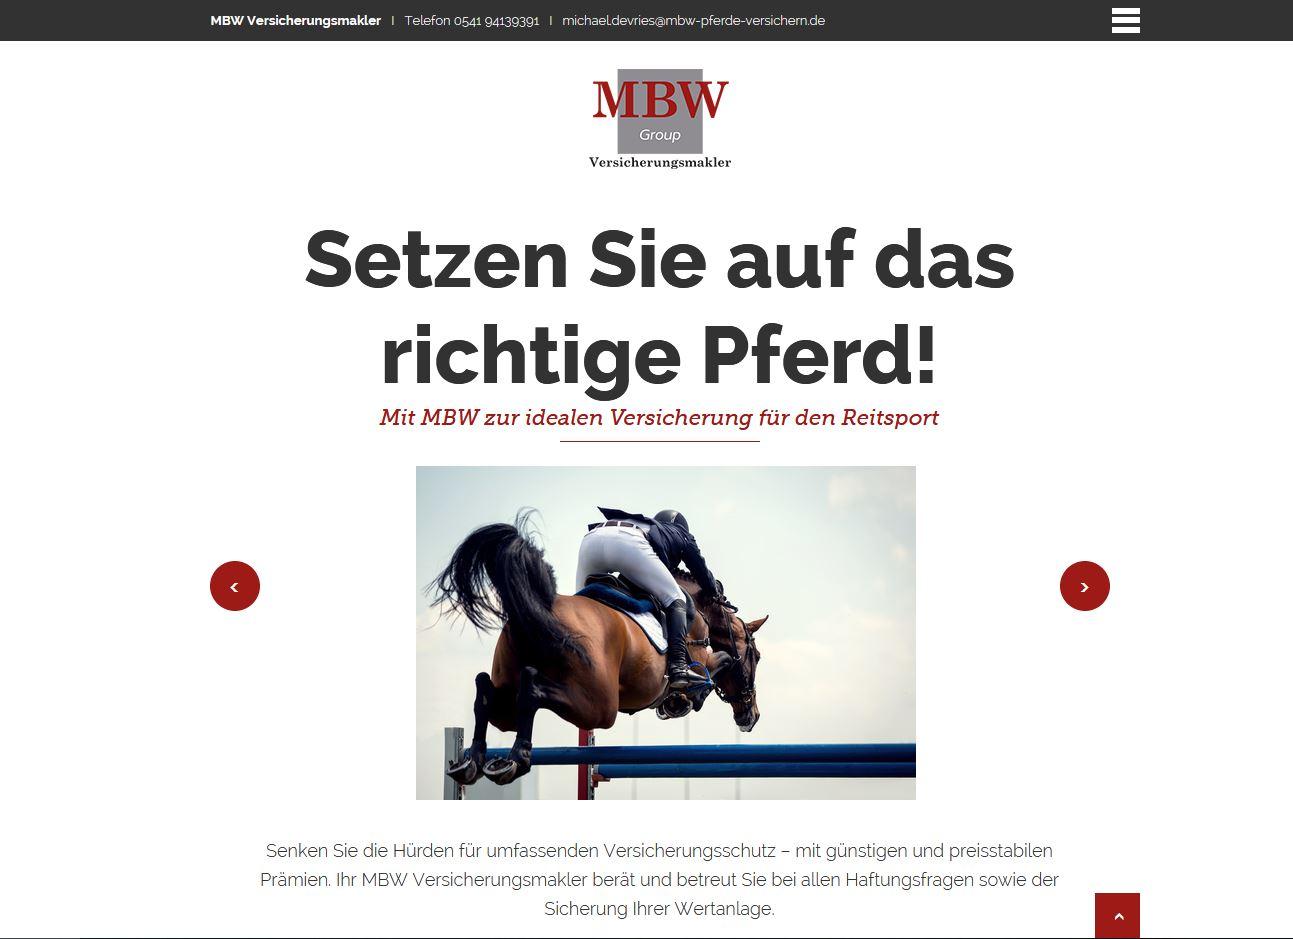 Landingpage der MBW Versicherungsmakler zu Versicherungen für Pferdehalter